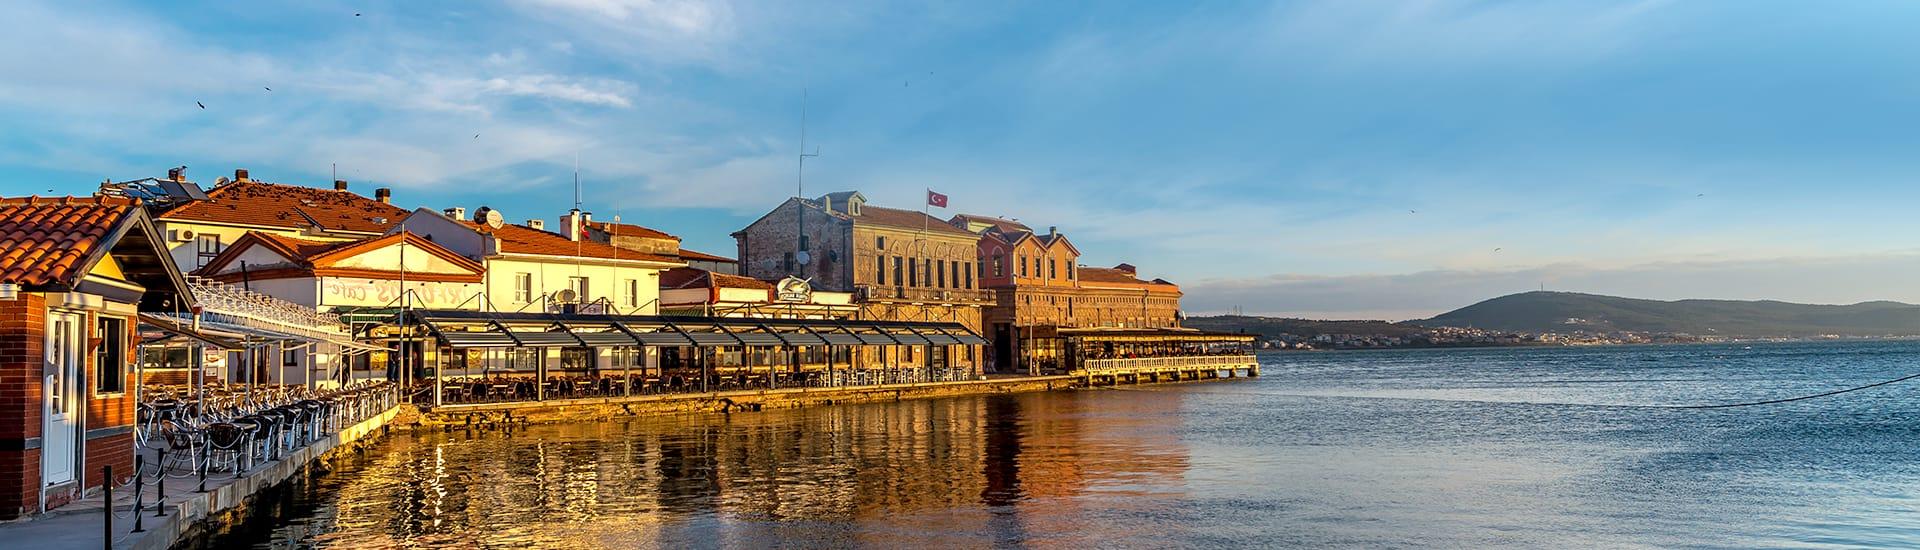 Altınova (Balıkesir)